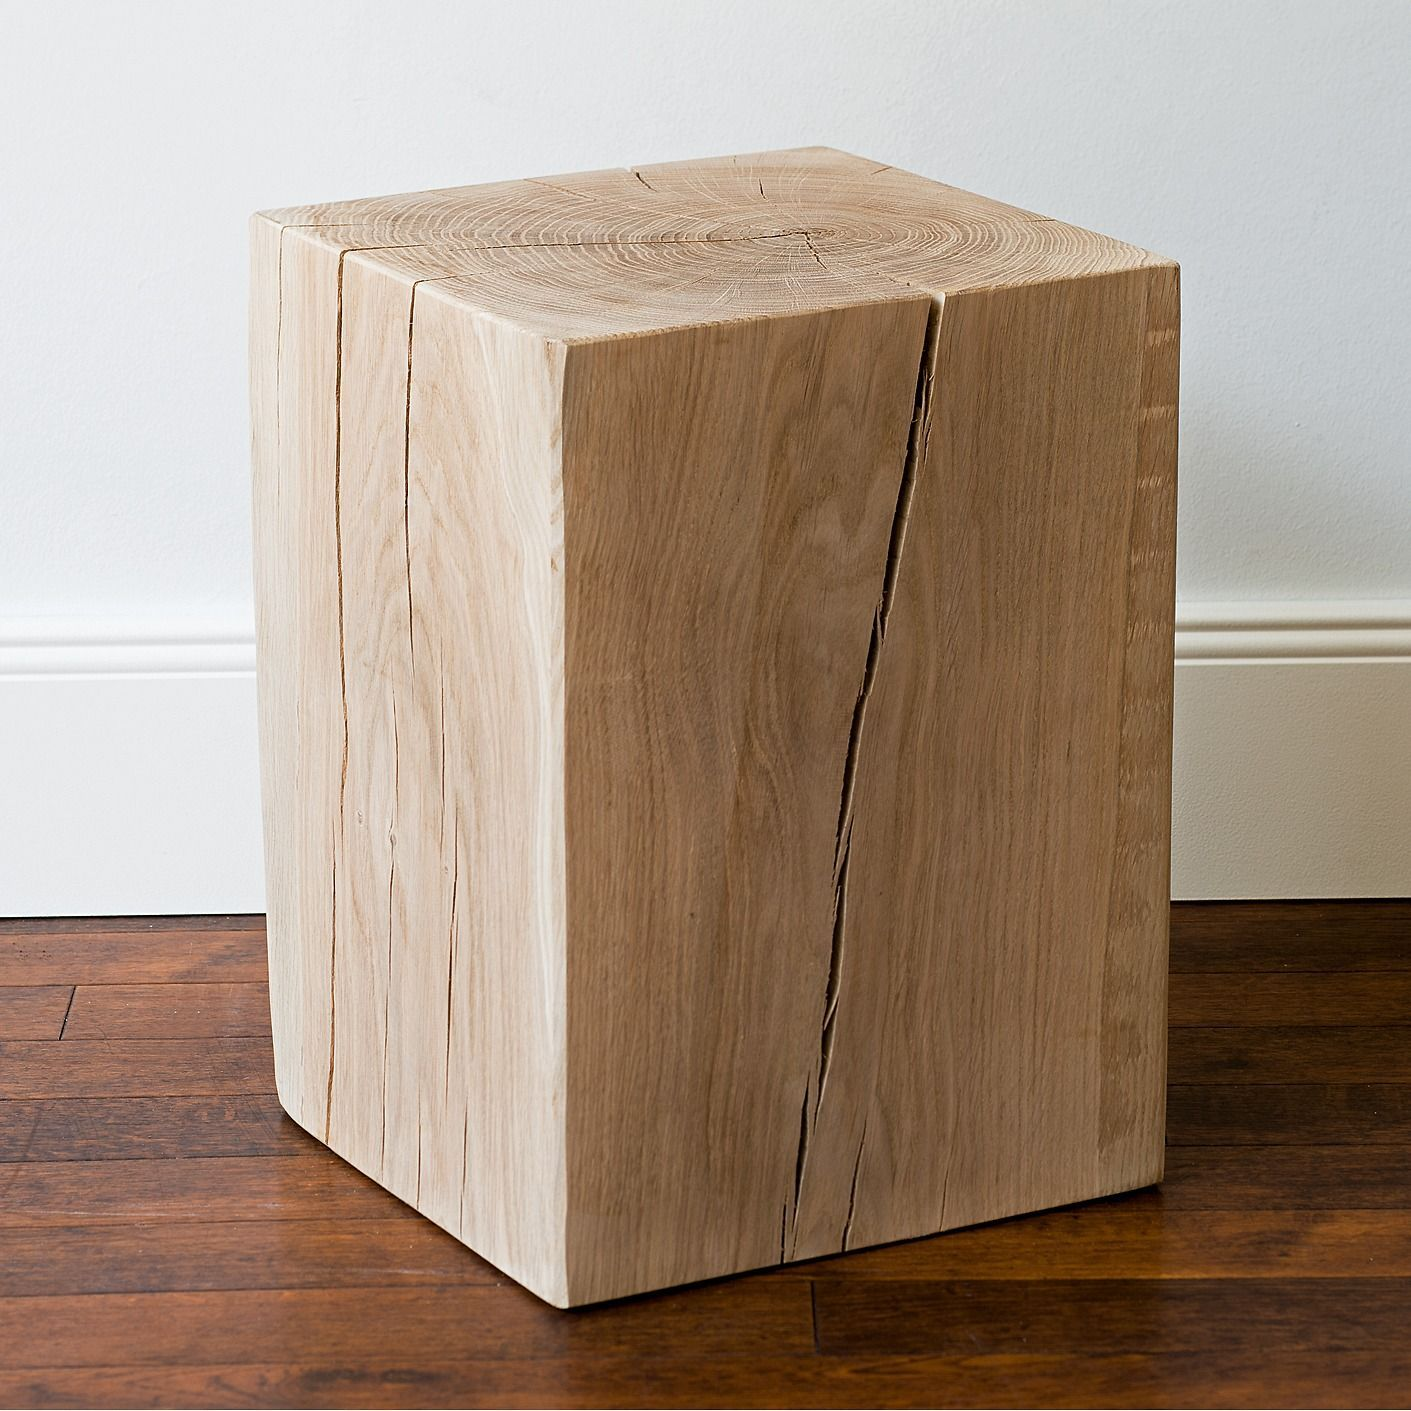 holz hocker aus massiver eiche bei kaufen. Black Bedroom Furniture Sets. Home Design Ideas